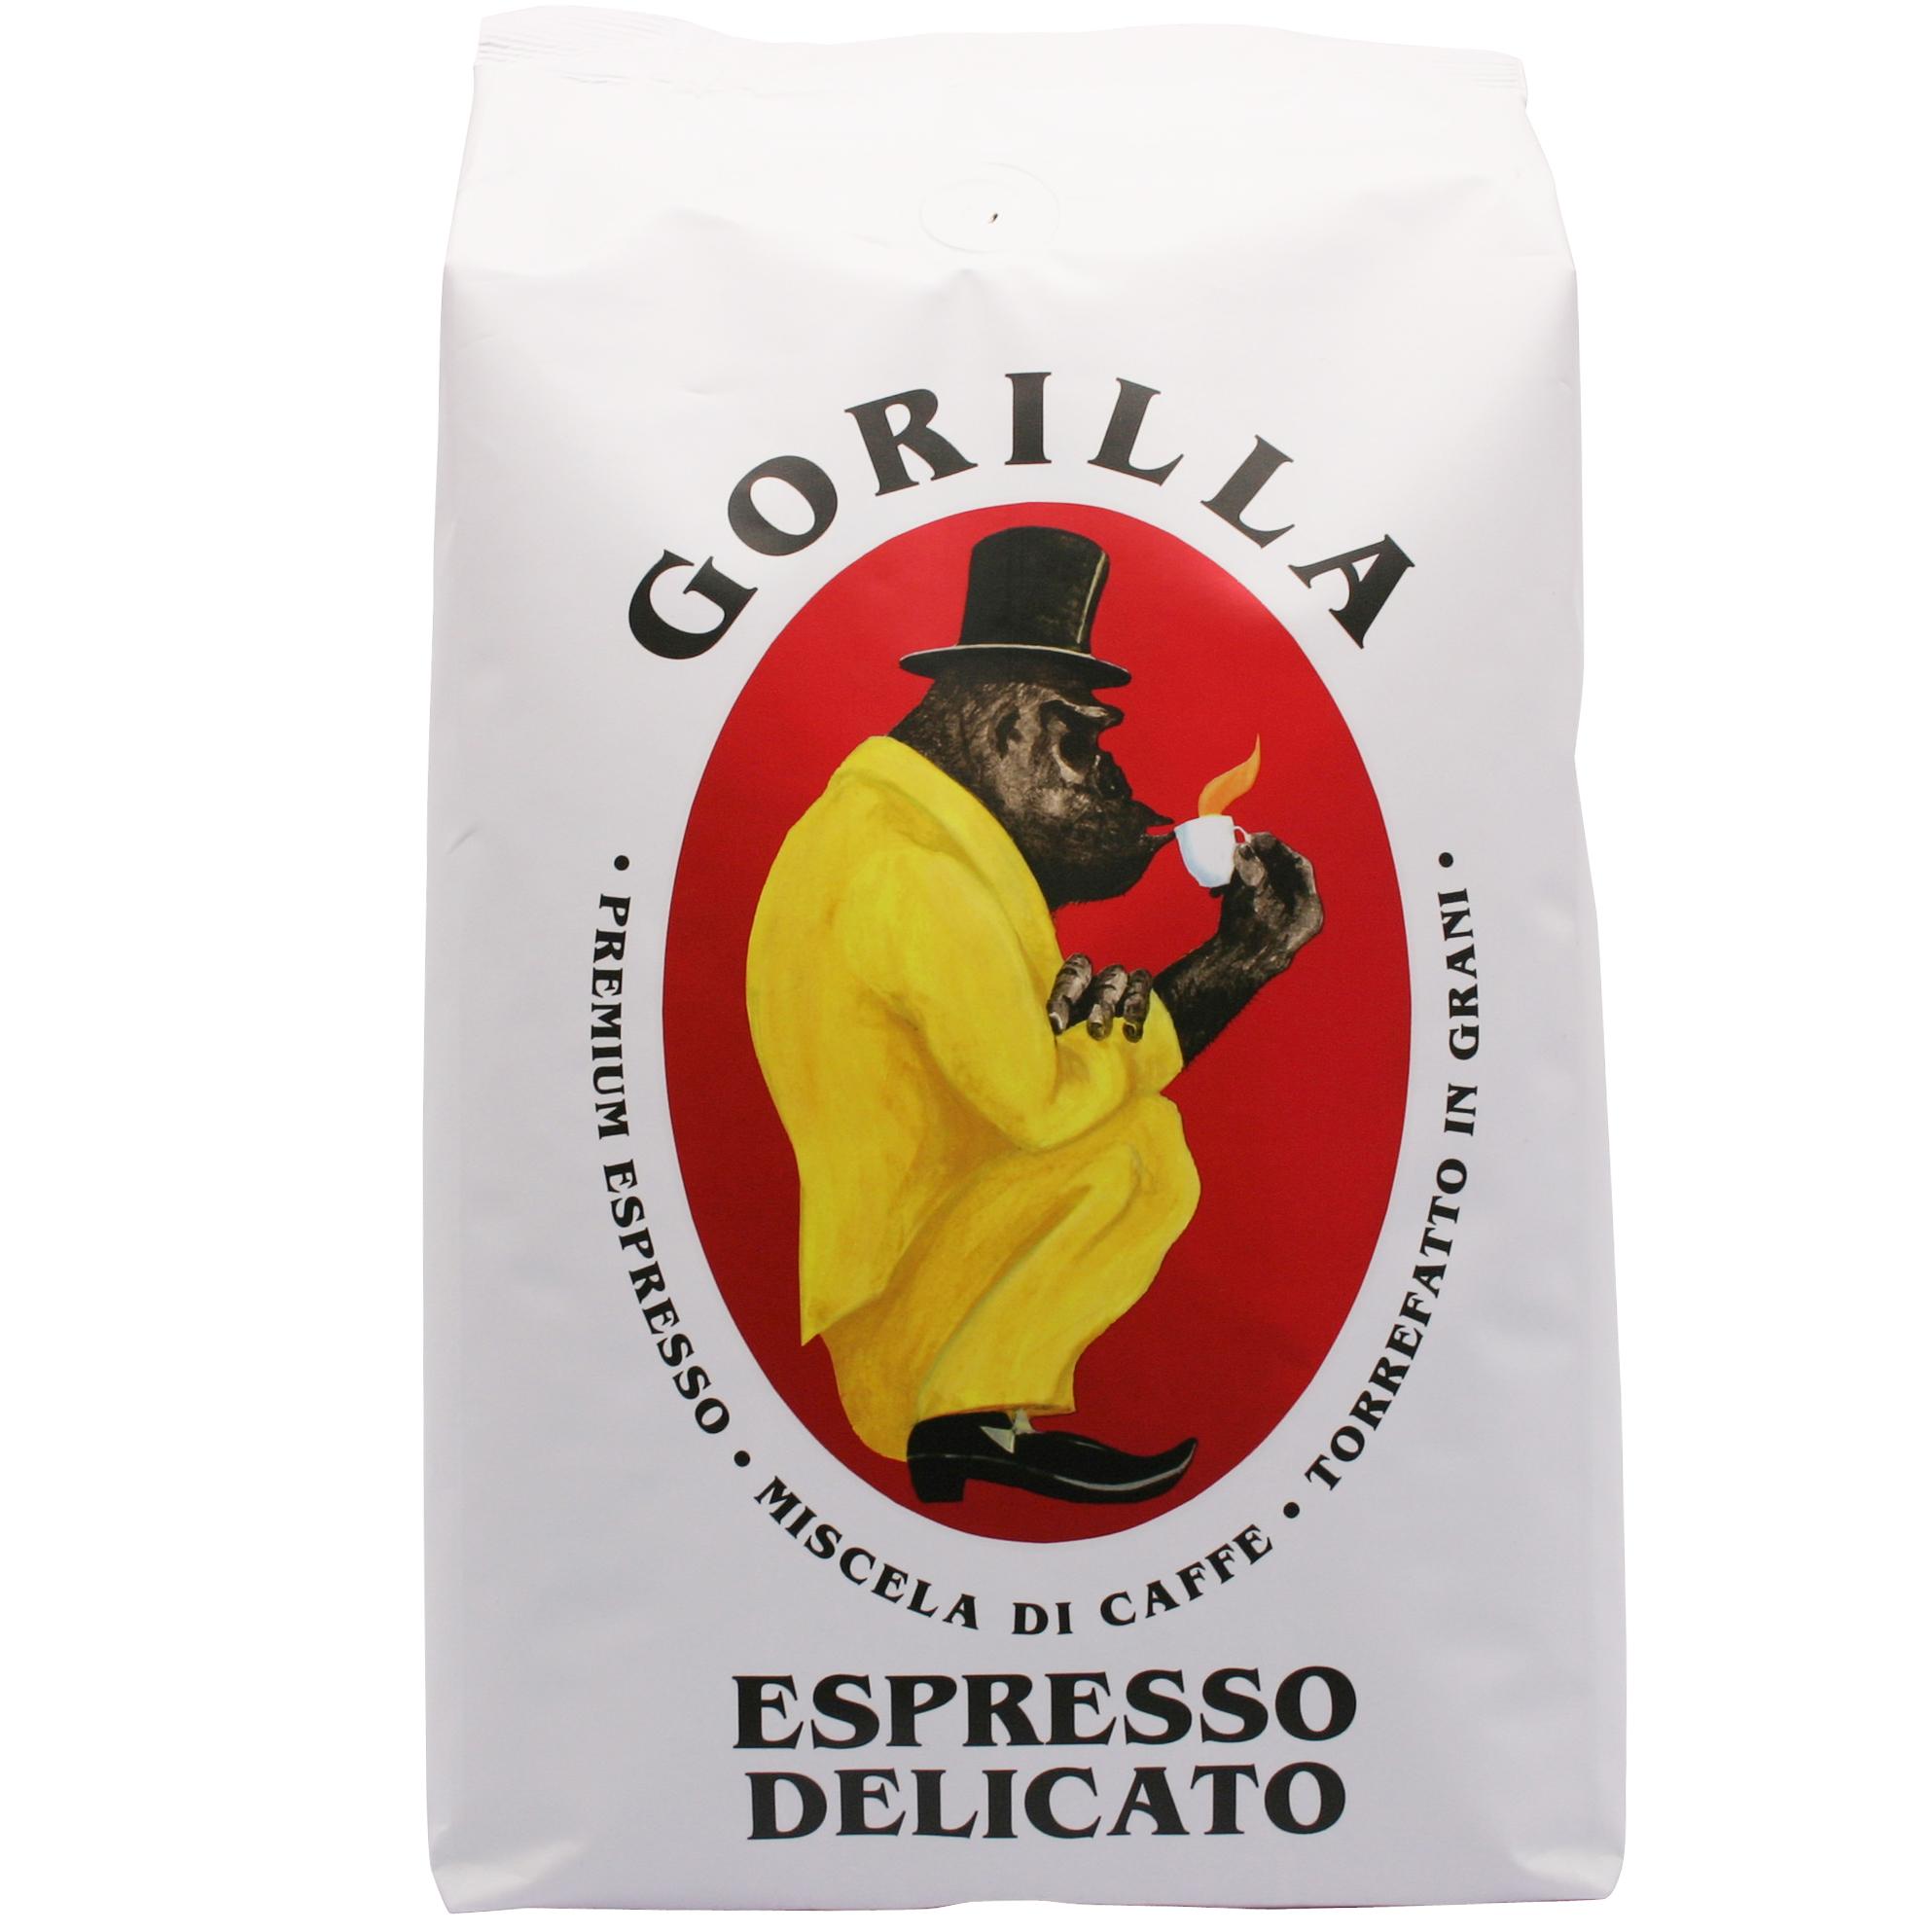 gorilla espresso delicato2